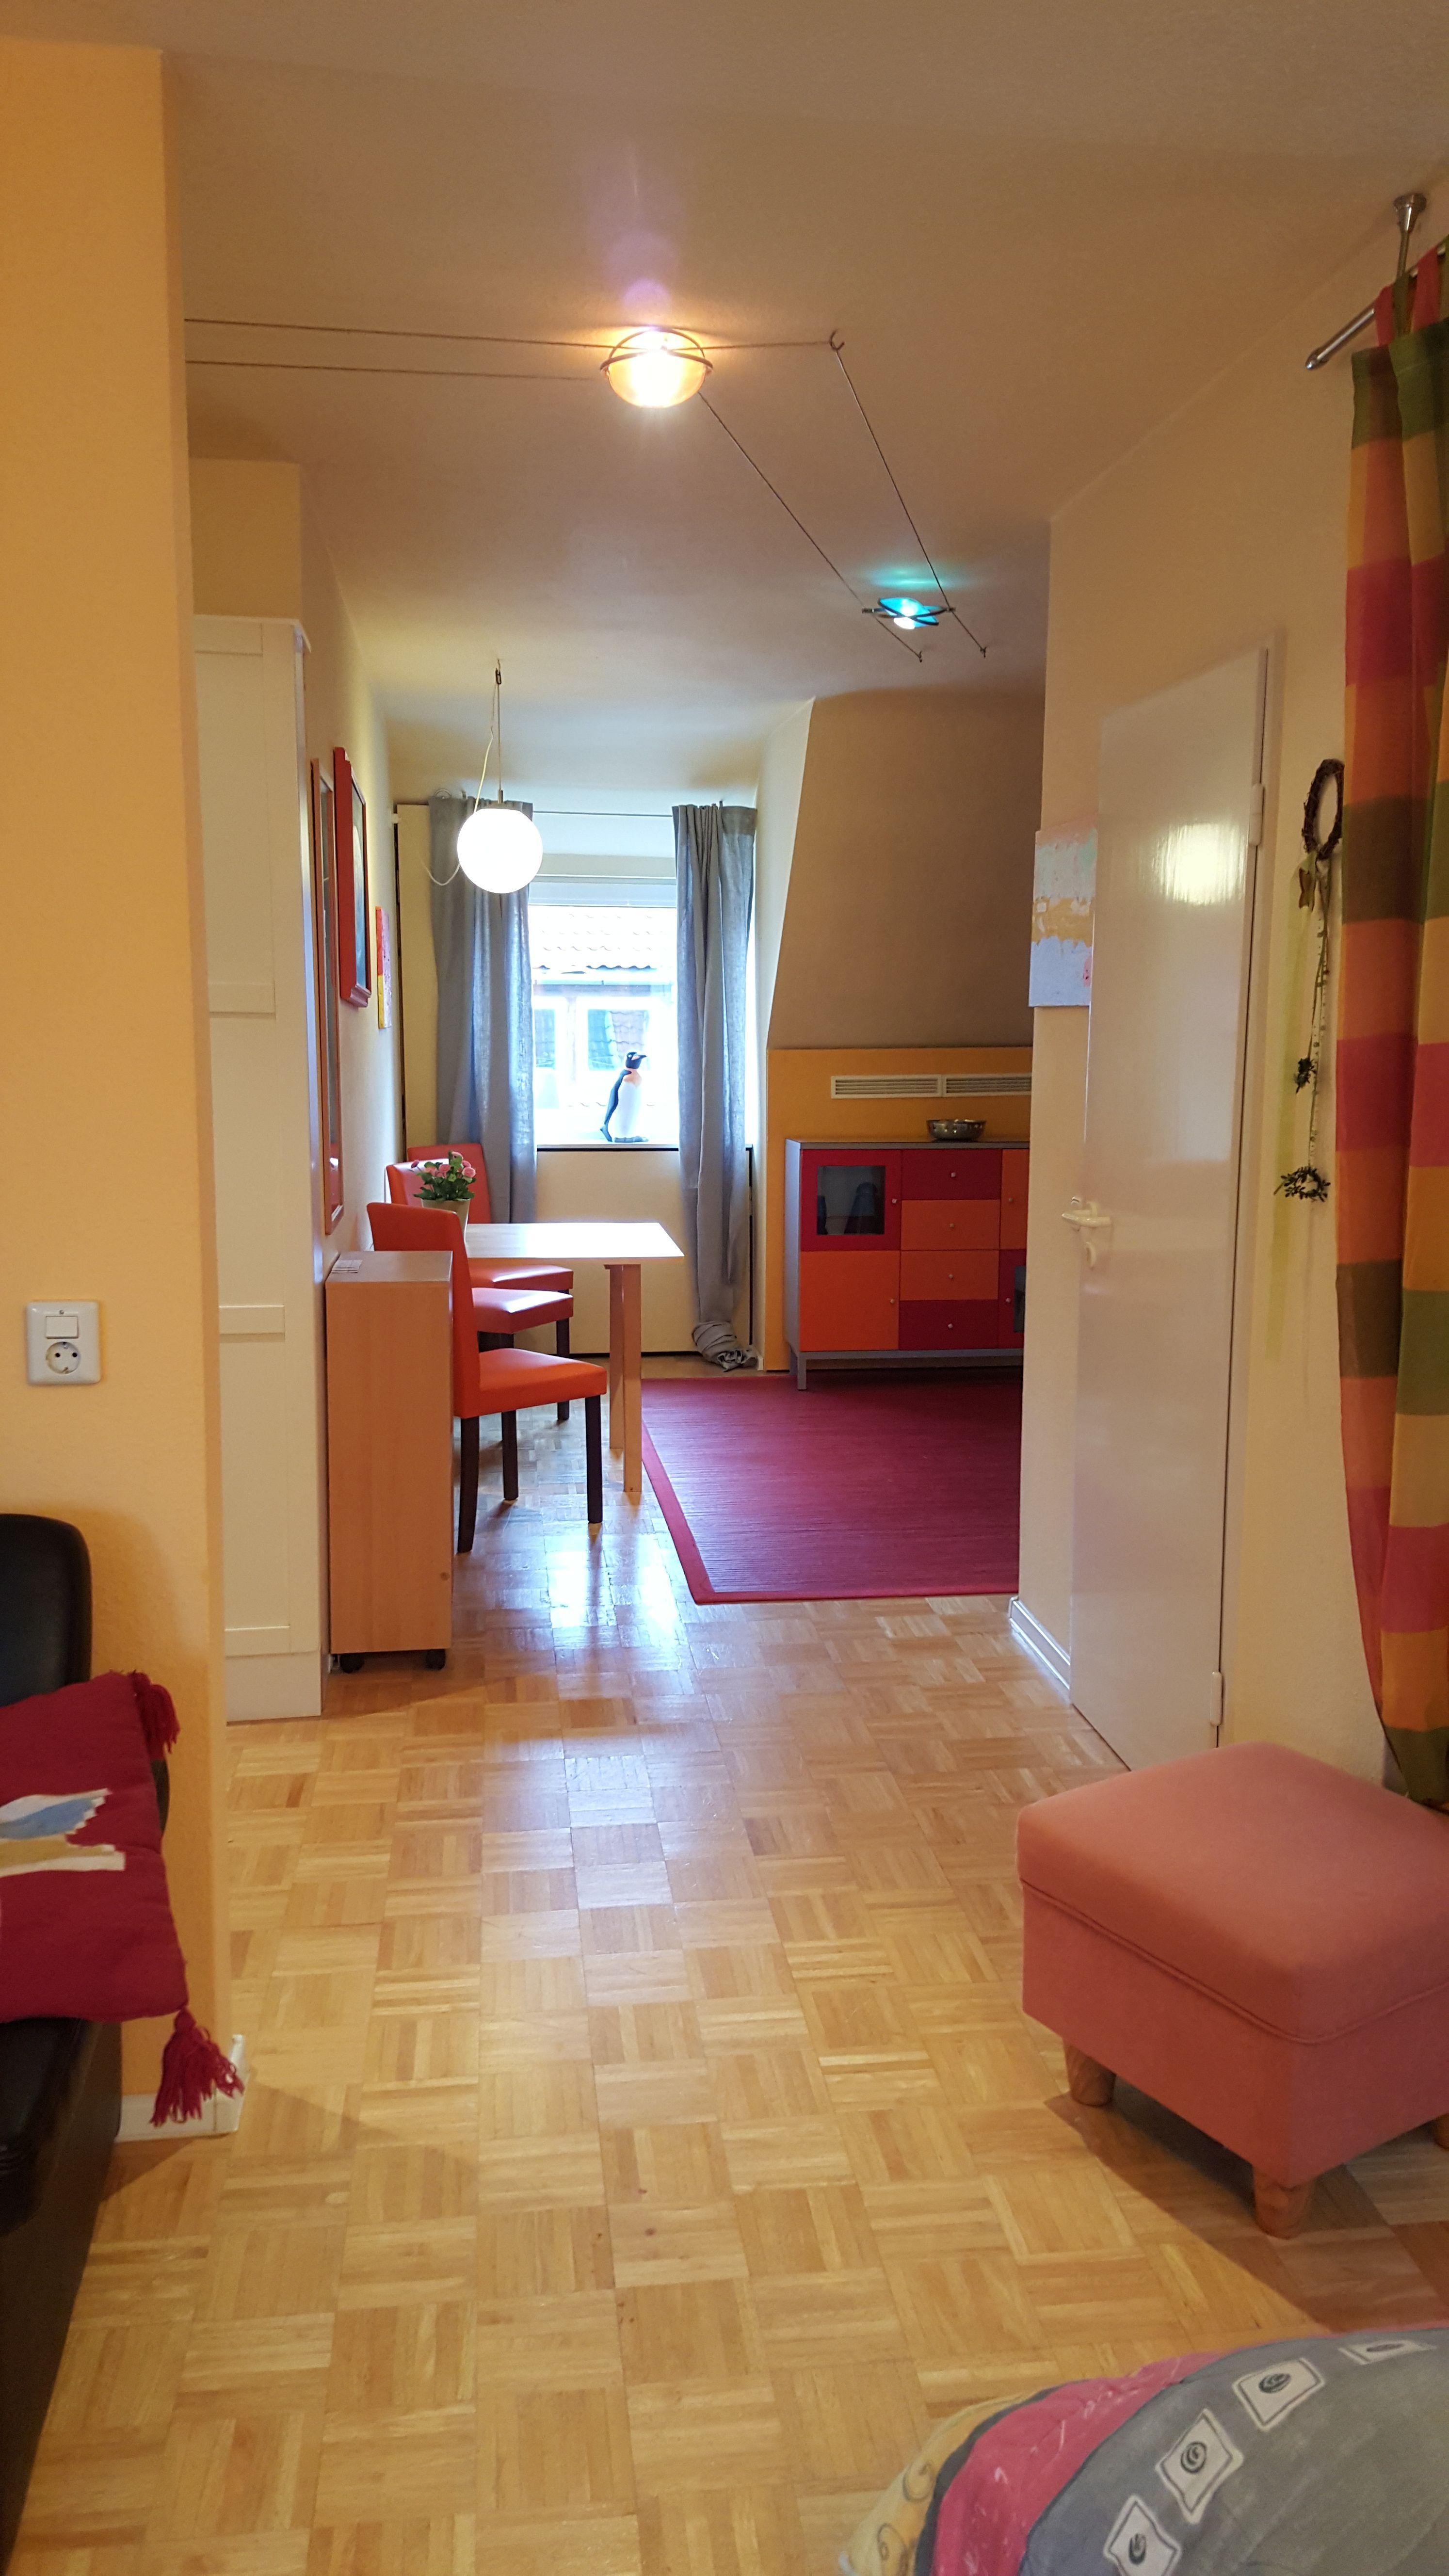 Ferienwohnung Zuhause in der Ferne - in der Nähe von Bremen (2379337), Bremen, , Bremen, Deutschland, Bild 10